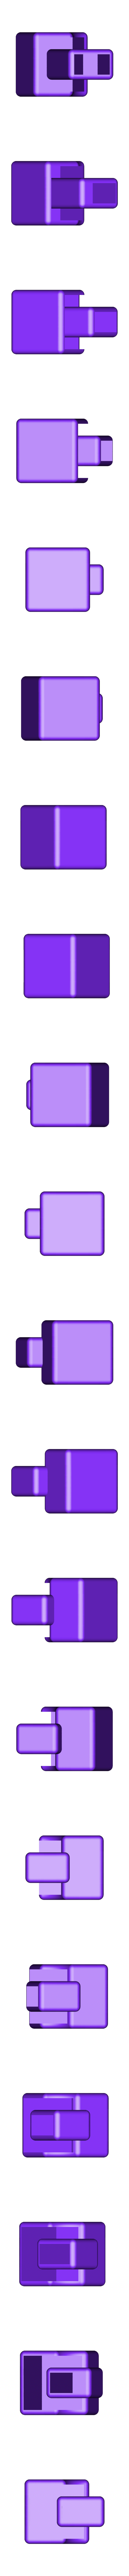 CubeMiddlePiece.stl Télécharger fichier STL gratuit CUBE! Fully Functional... EASY PRINT... 3x3x3 cube • Plan imprimable en 3D, Balkhagal4D